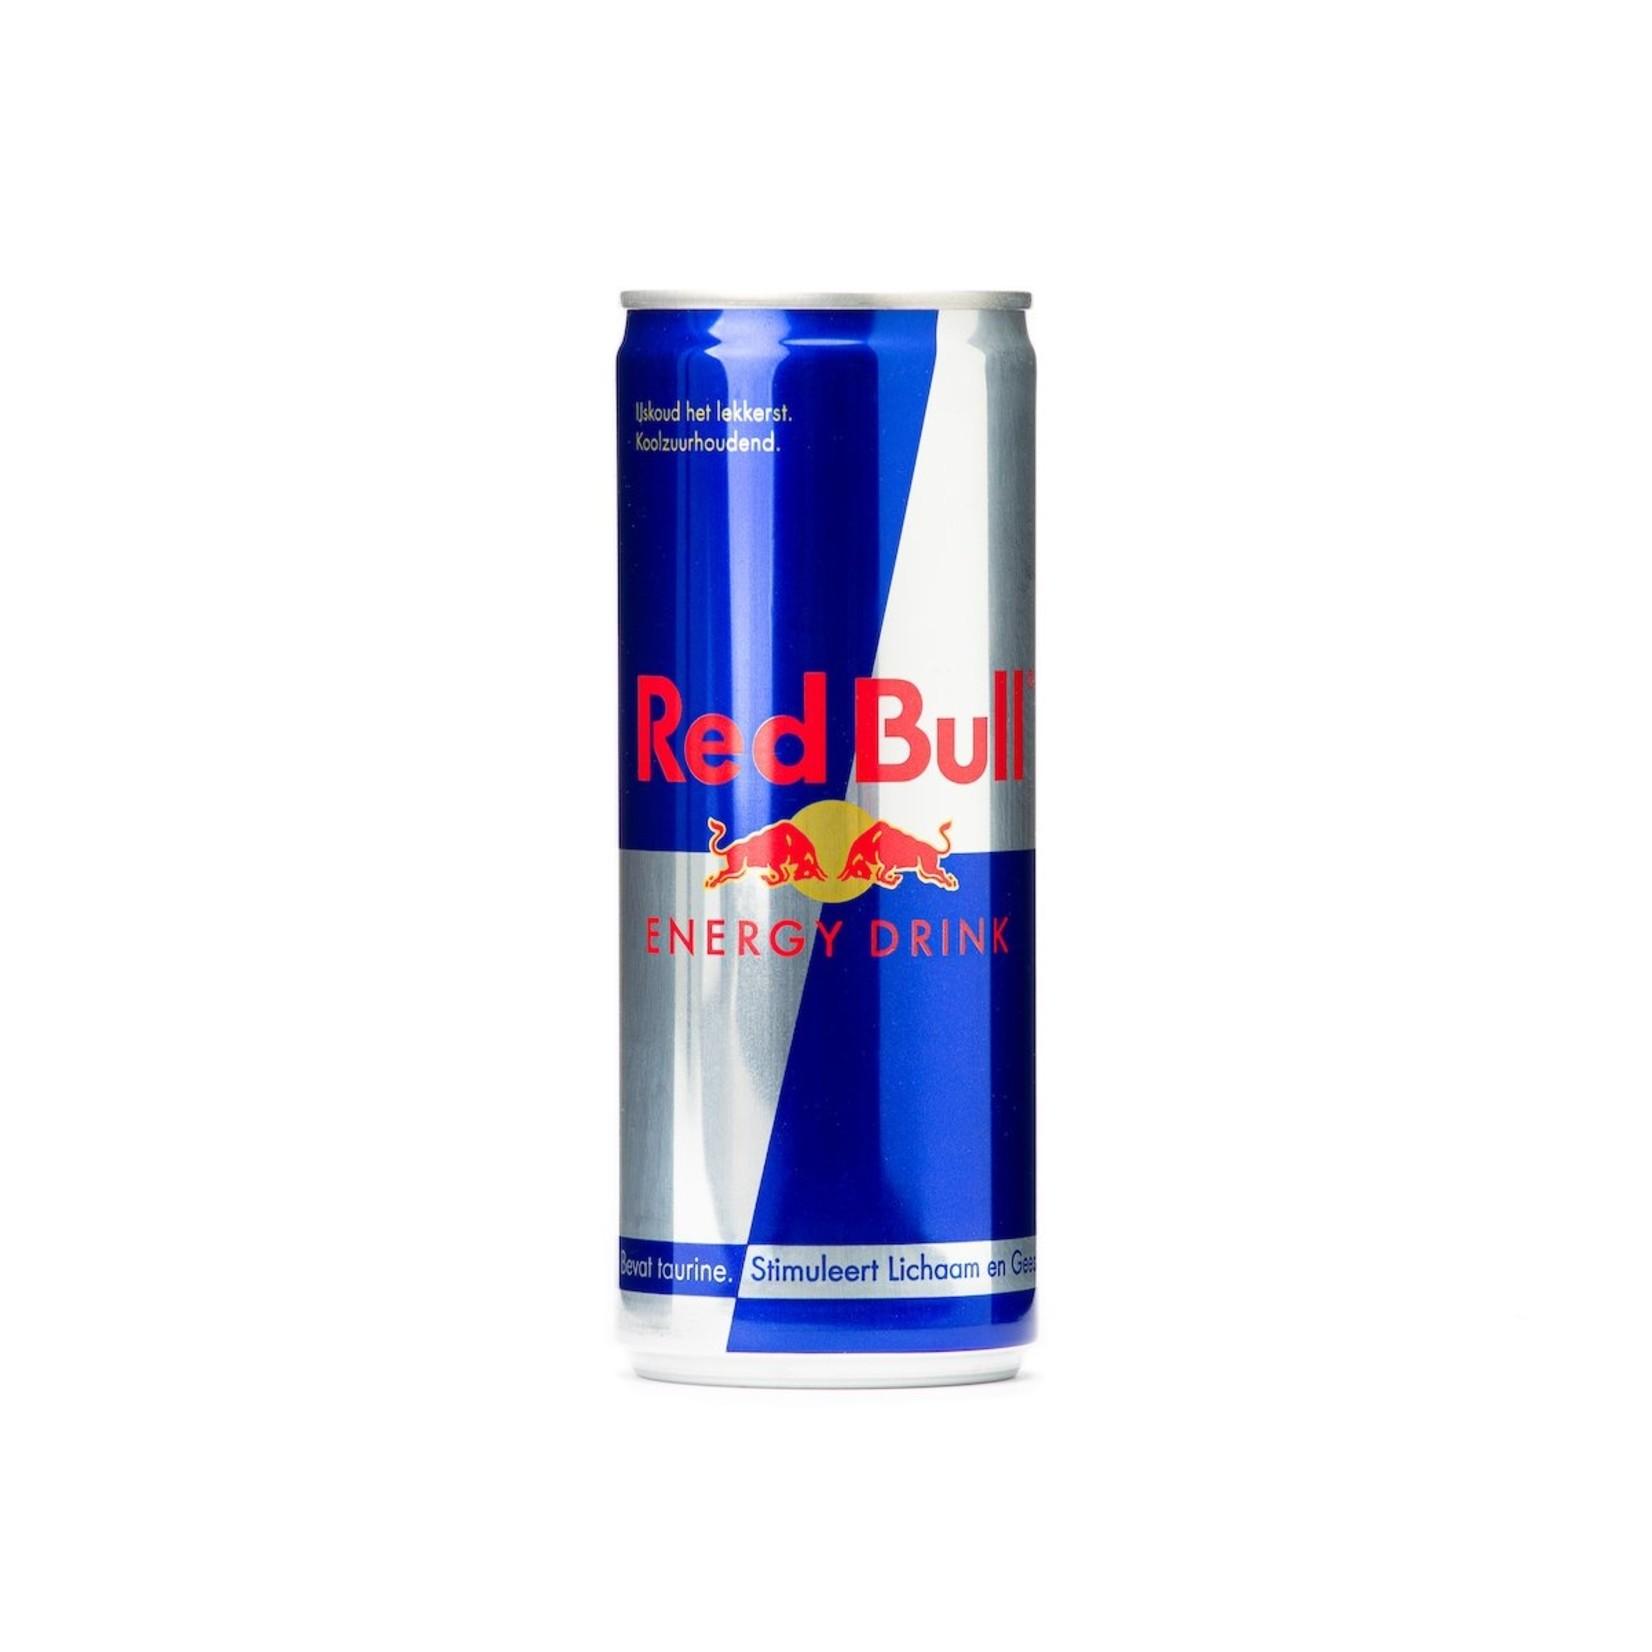 Red Bull Energy Drink blik 25 cl